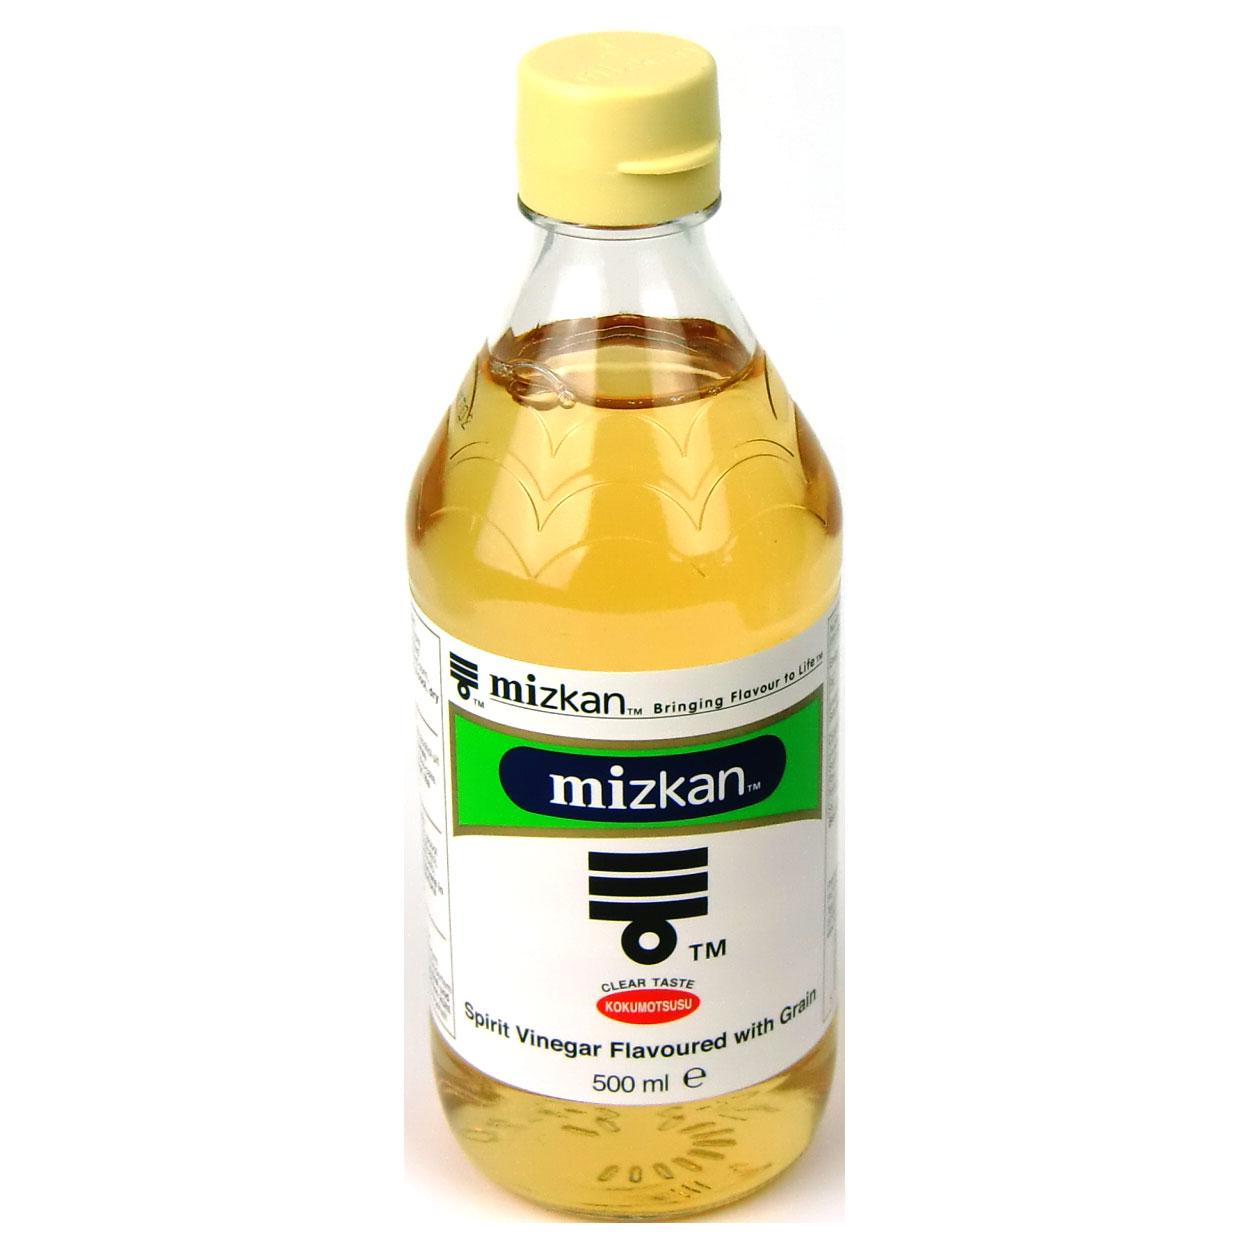 mizkan_vinegar_1